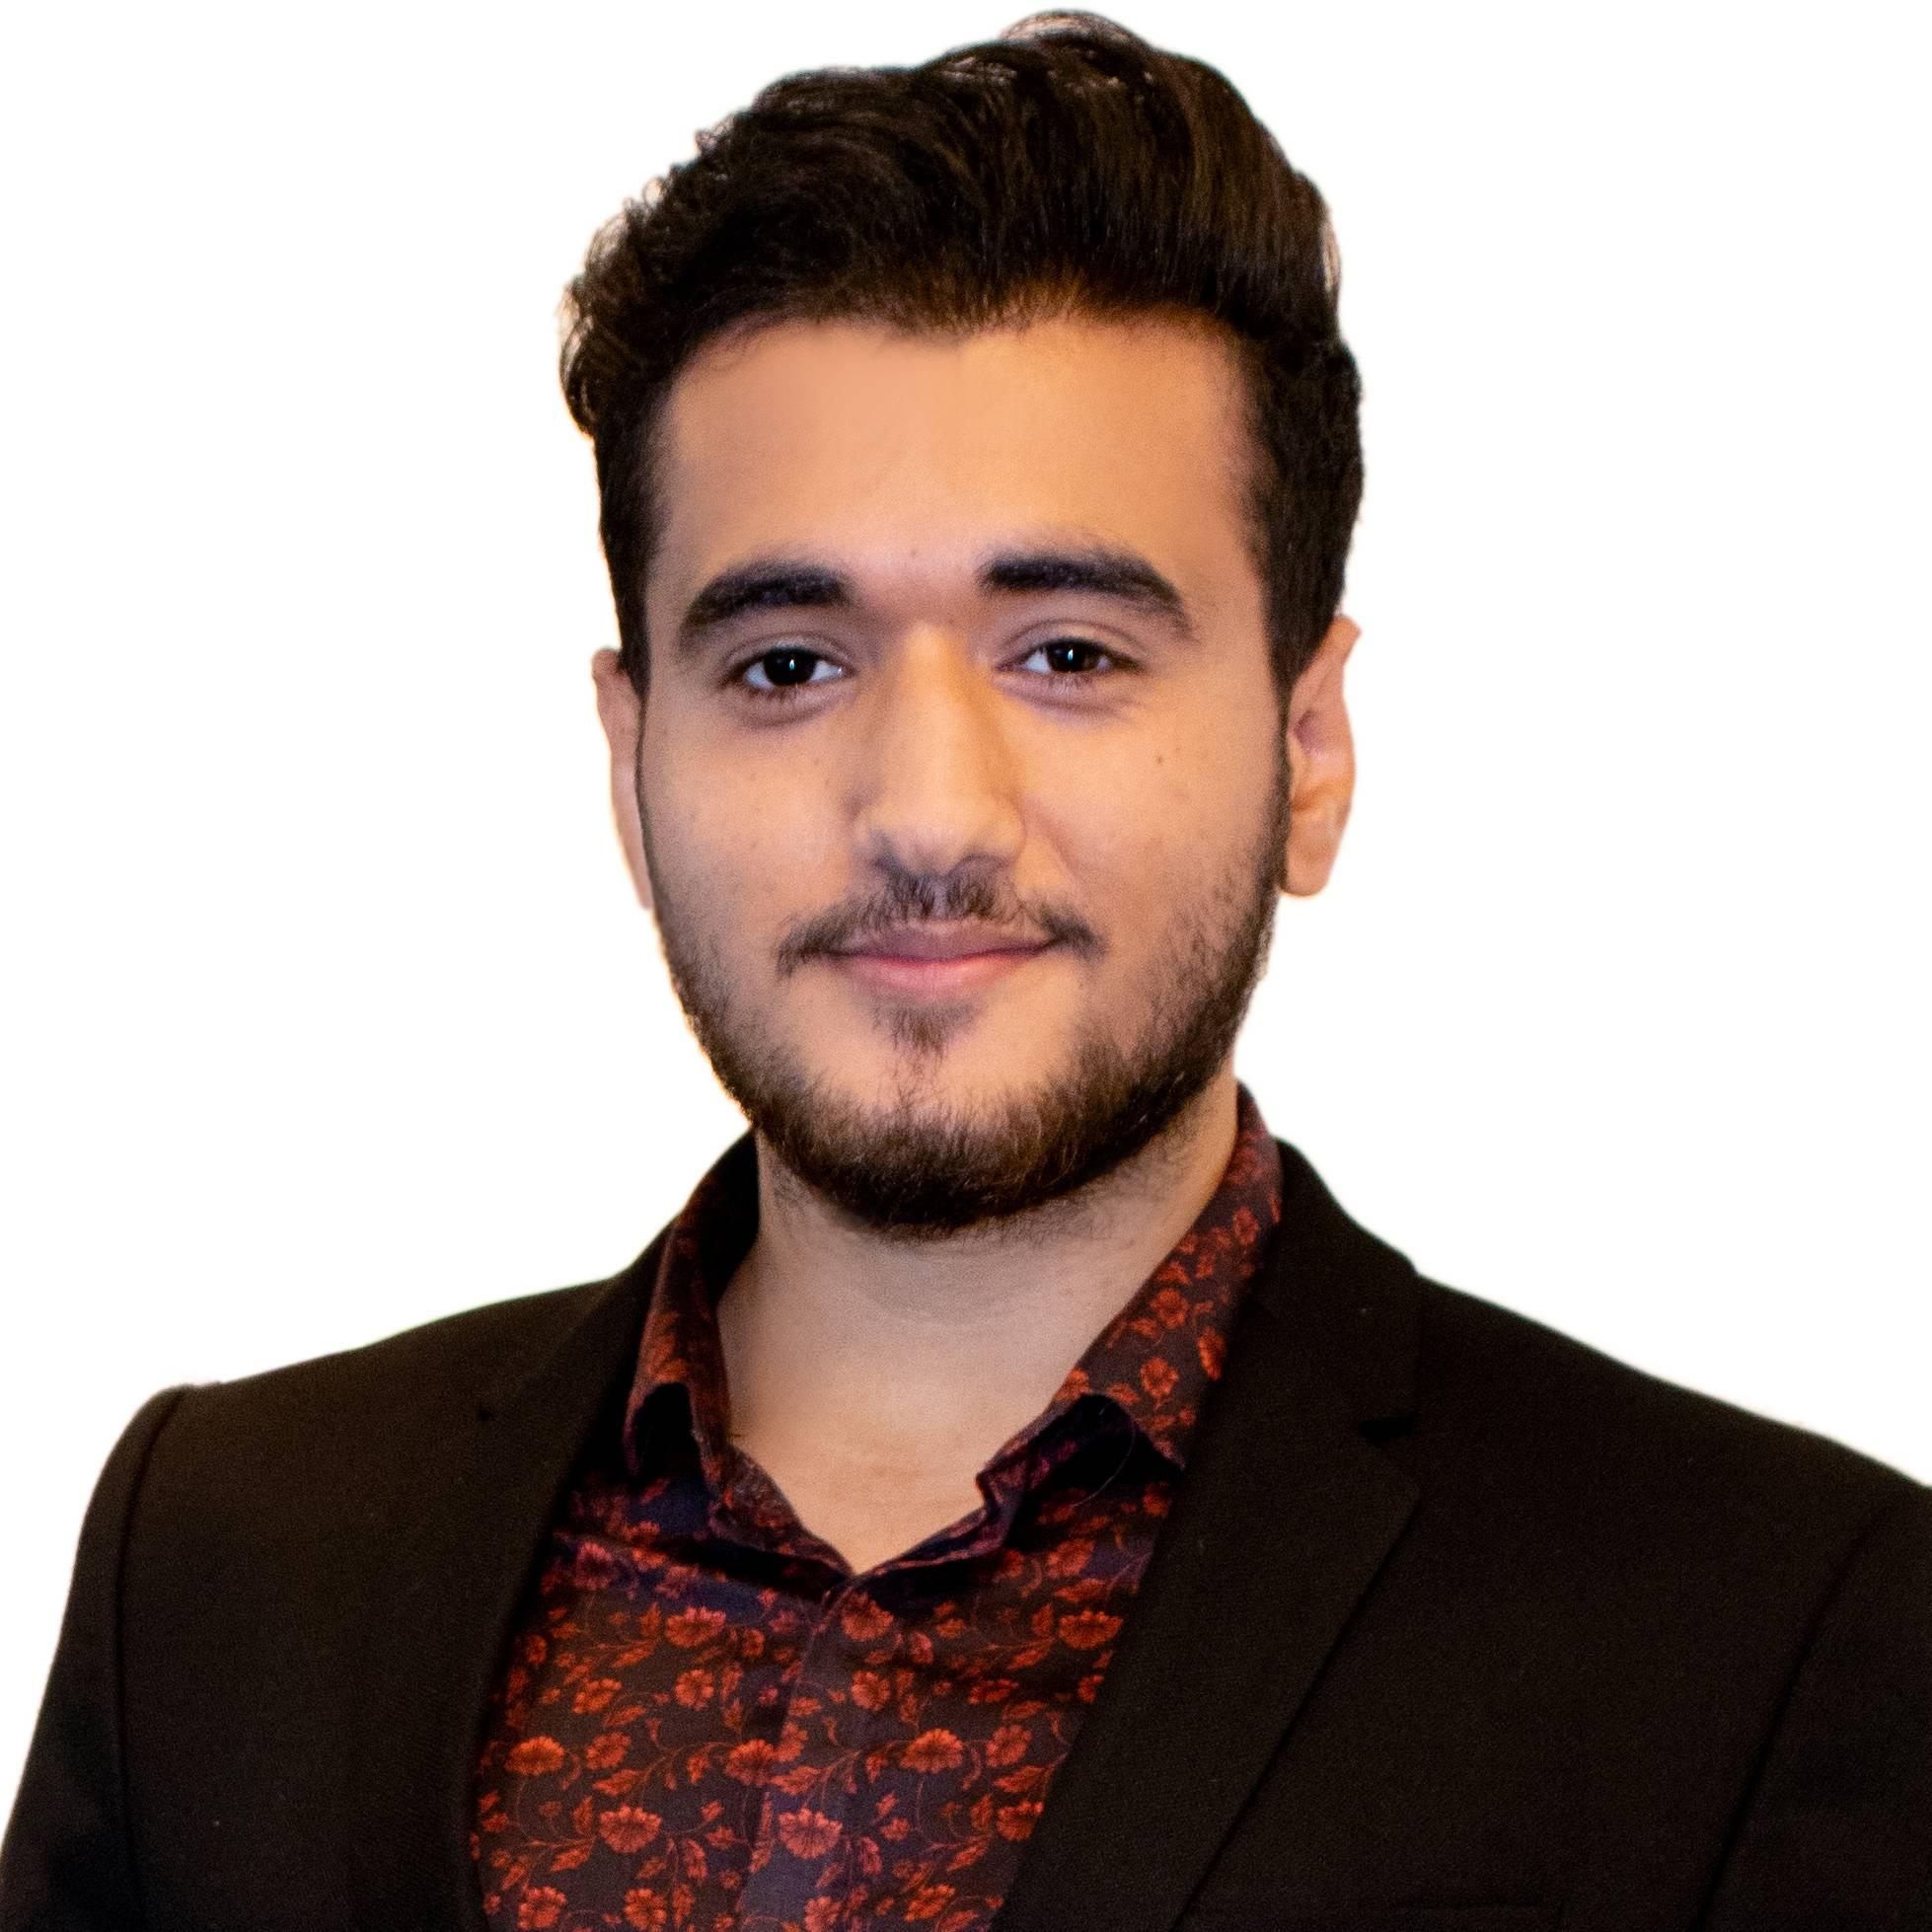 Mohammad Aref Ferdowsi